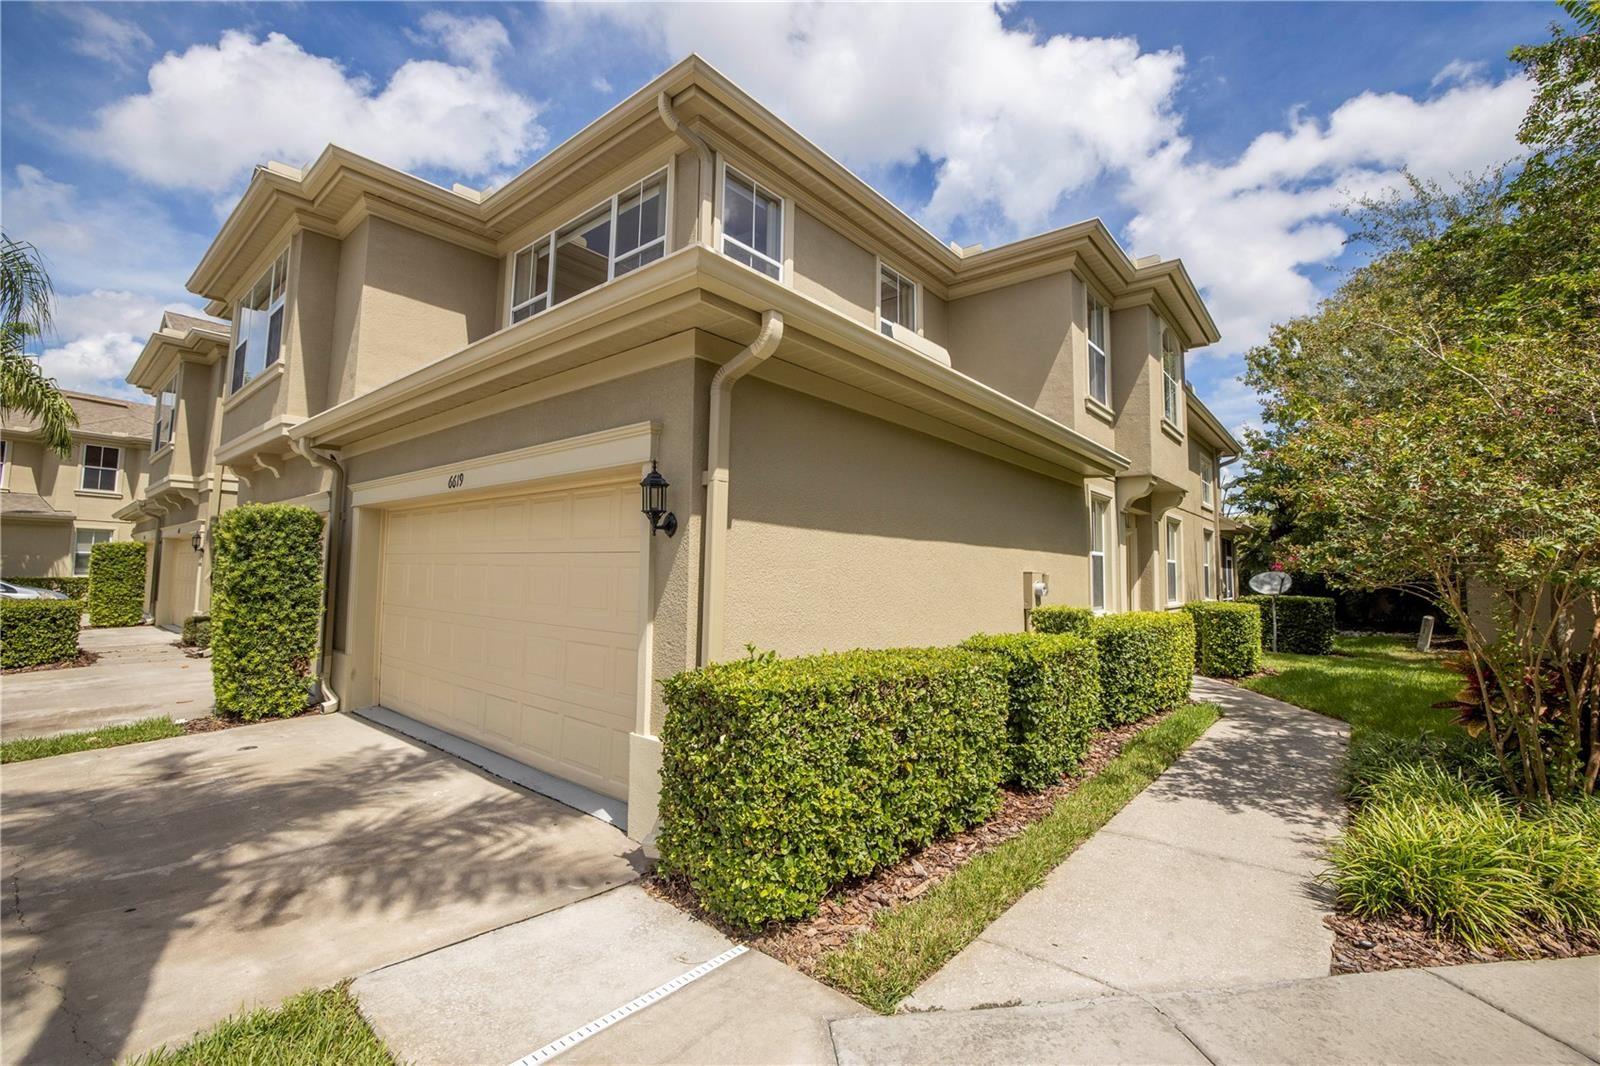 6619 84TH AVENUE N, Pinellas Park, FL 33781 - #: U8136702